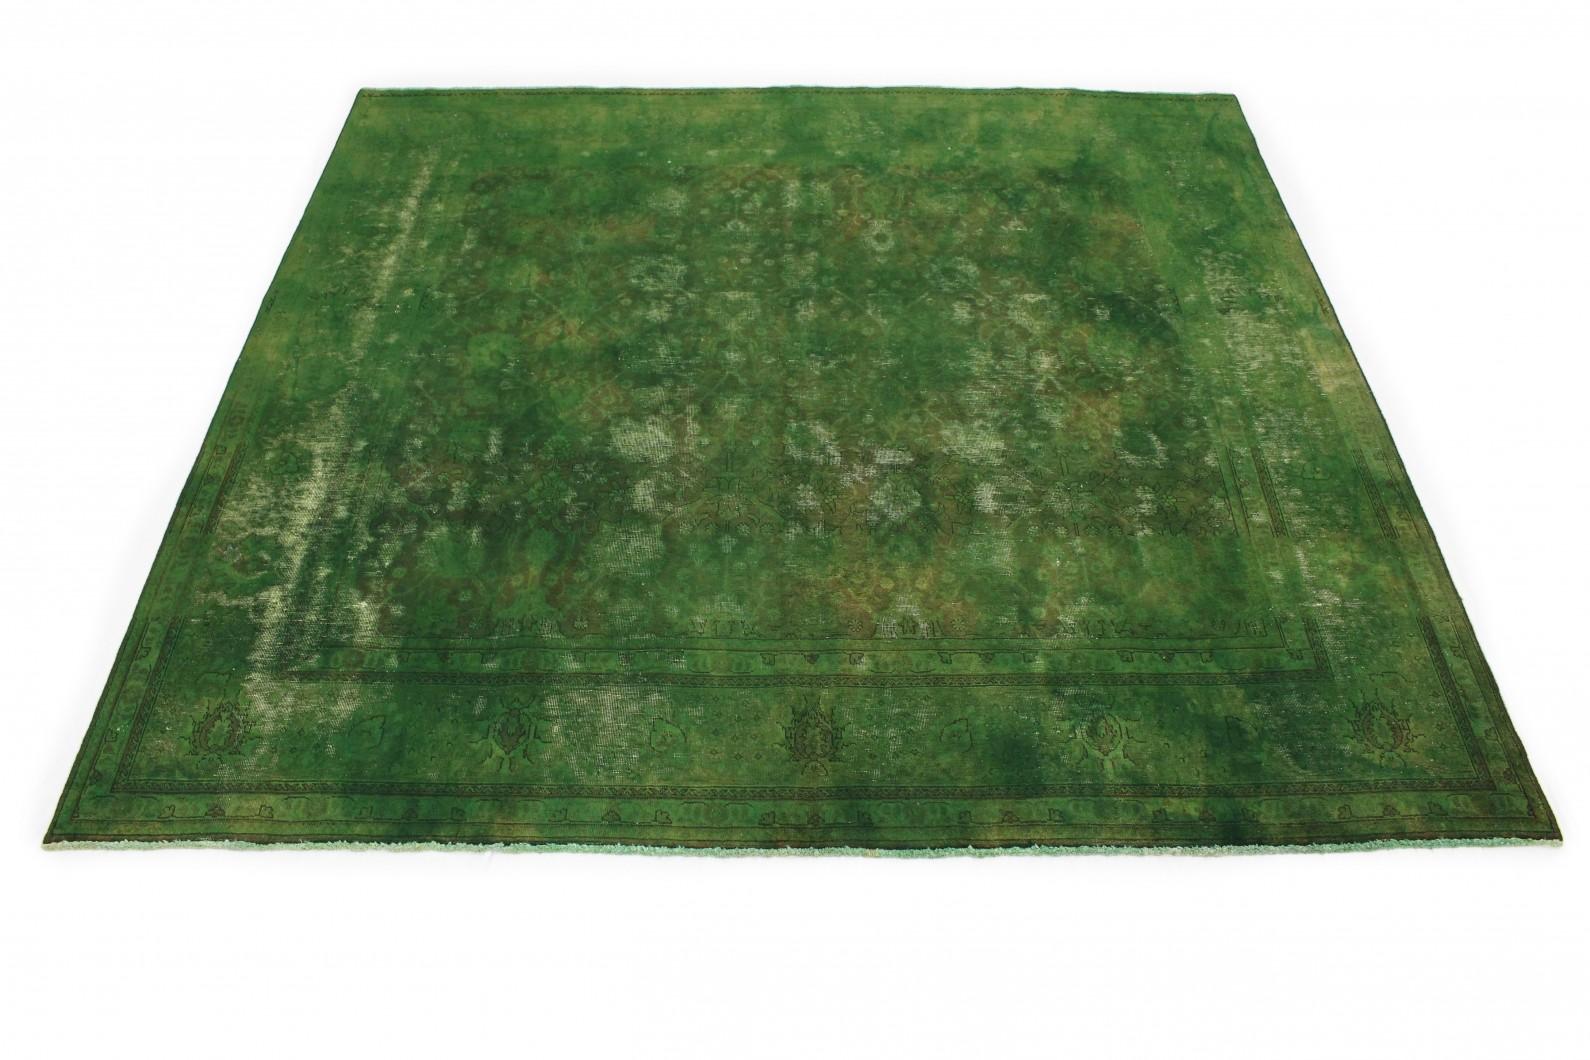 Vintage Teppich Grün in 290x300cm (1 / 4)